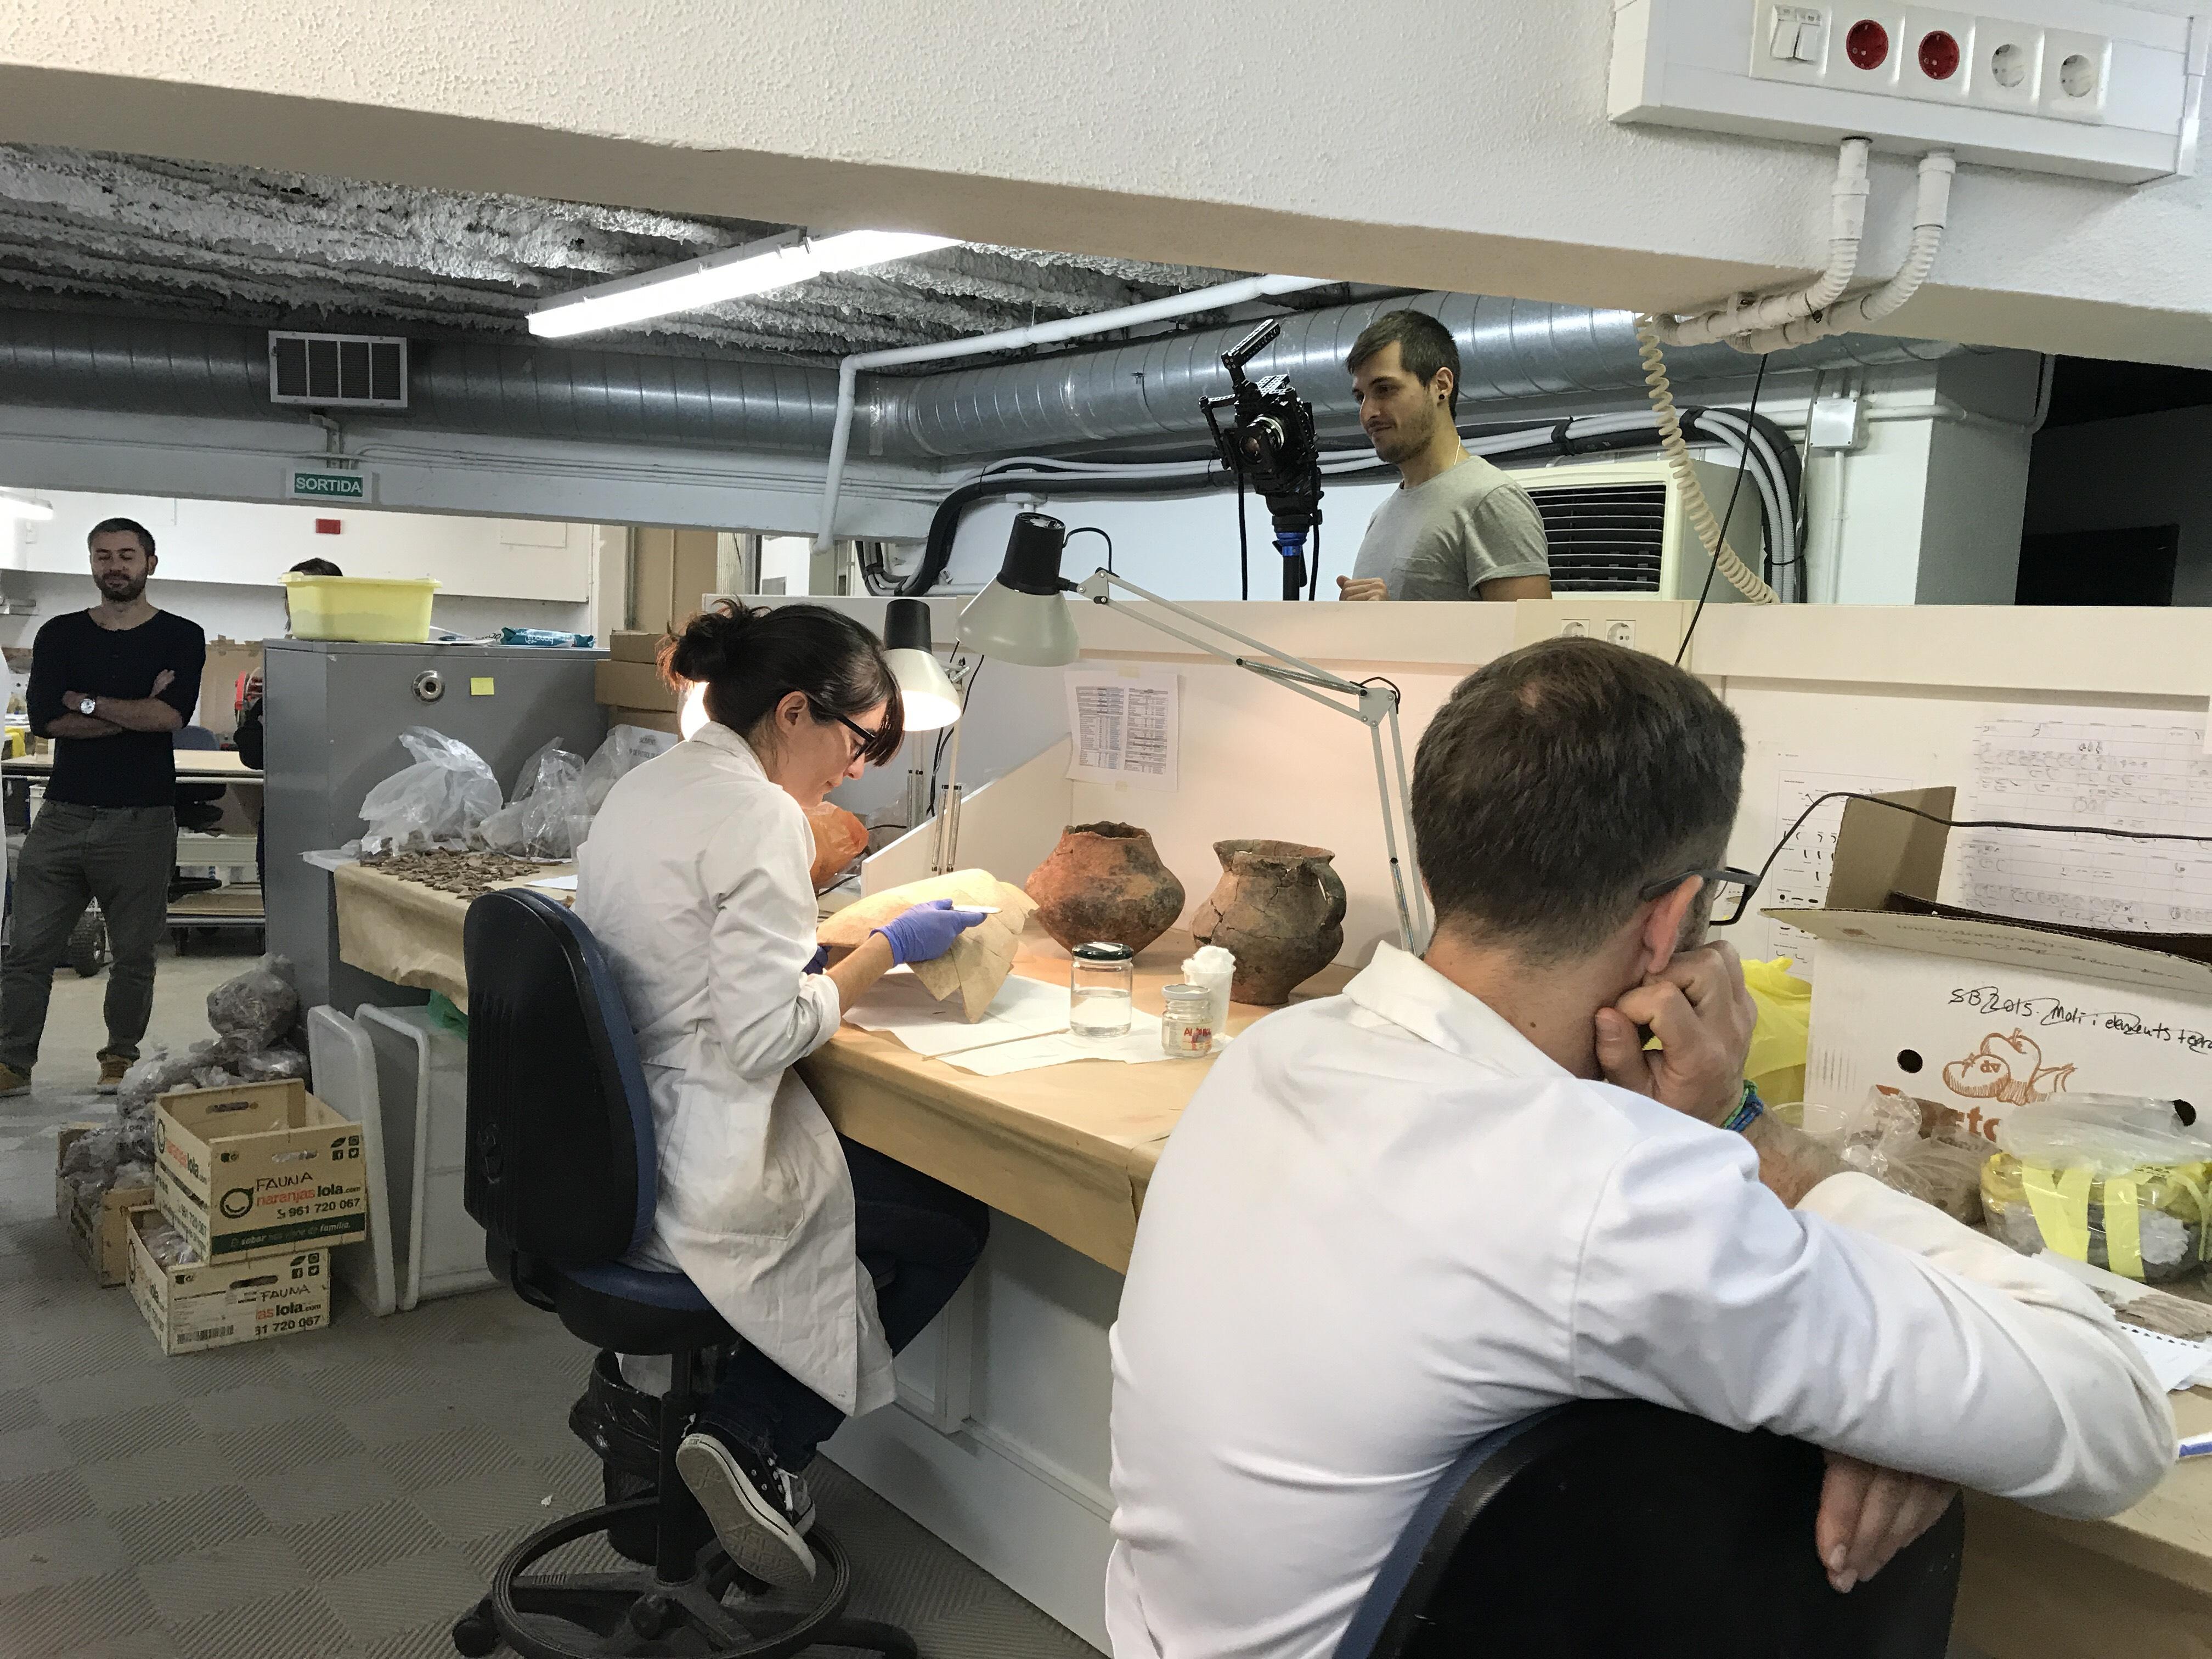 Investigadors treballant al laboratori de l'ICAC. Imatge d'arxiu (© Projecte Digibers)